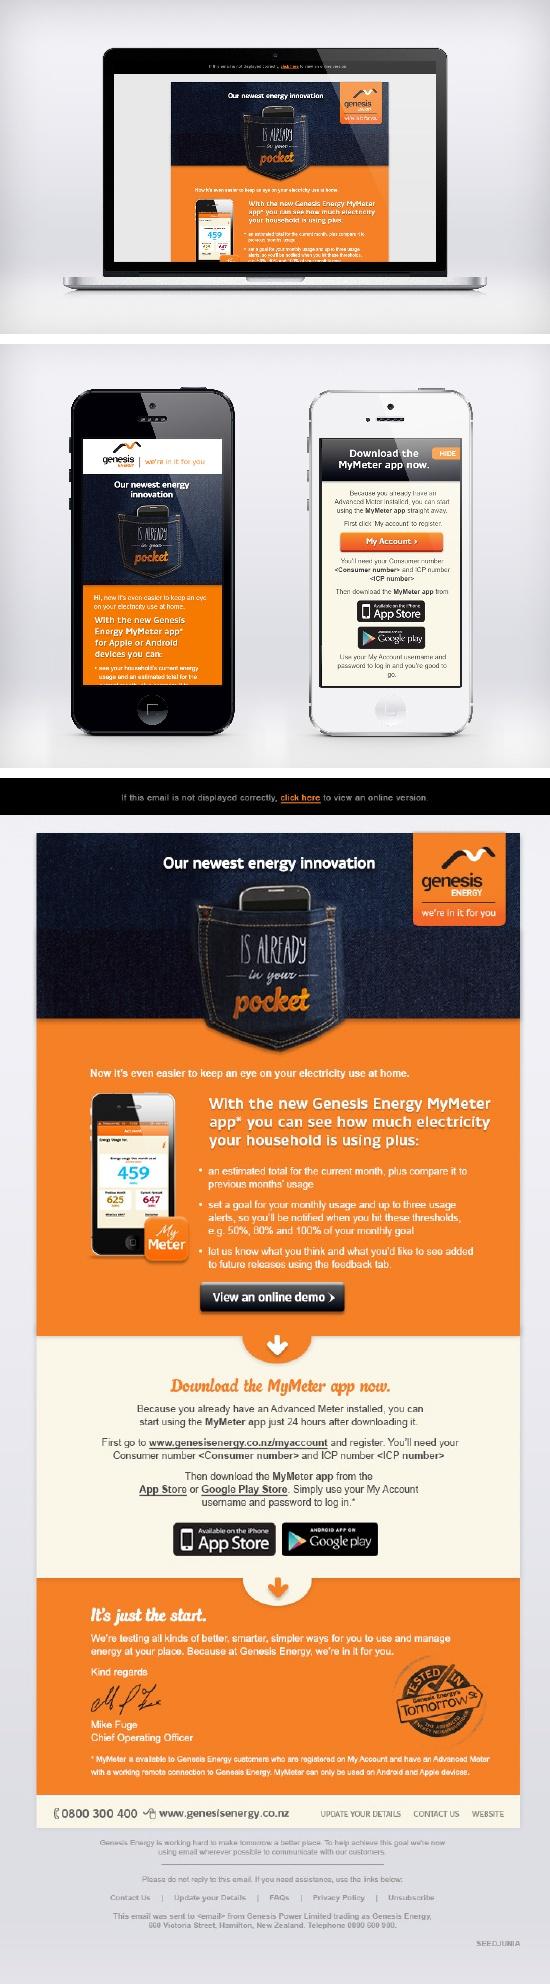 Genesis Energy. My Meter App communications.